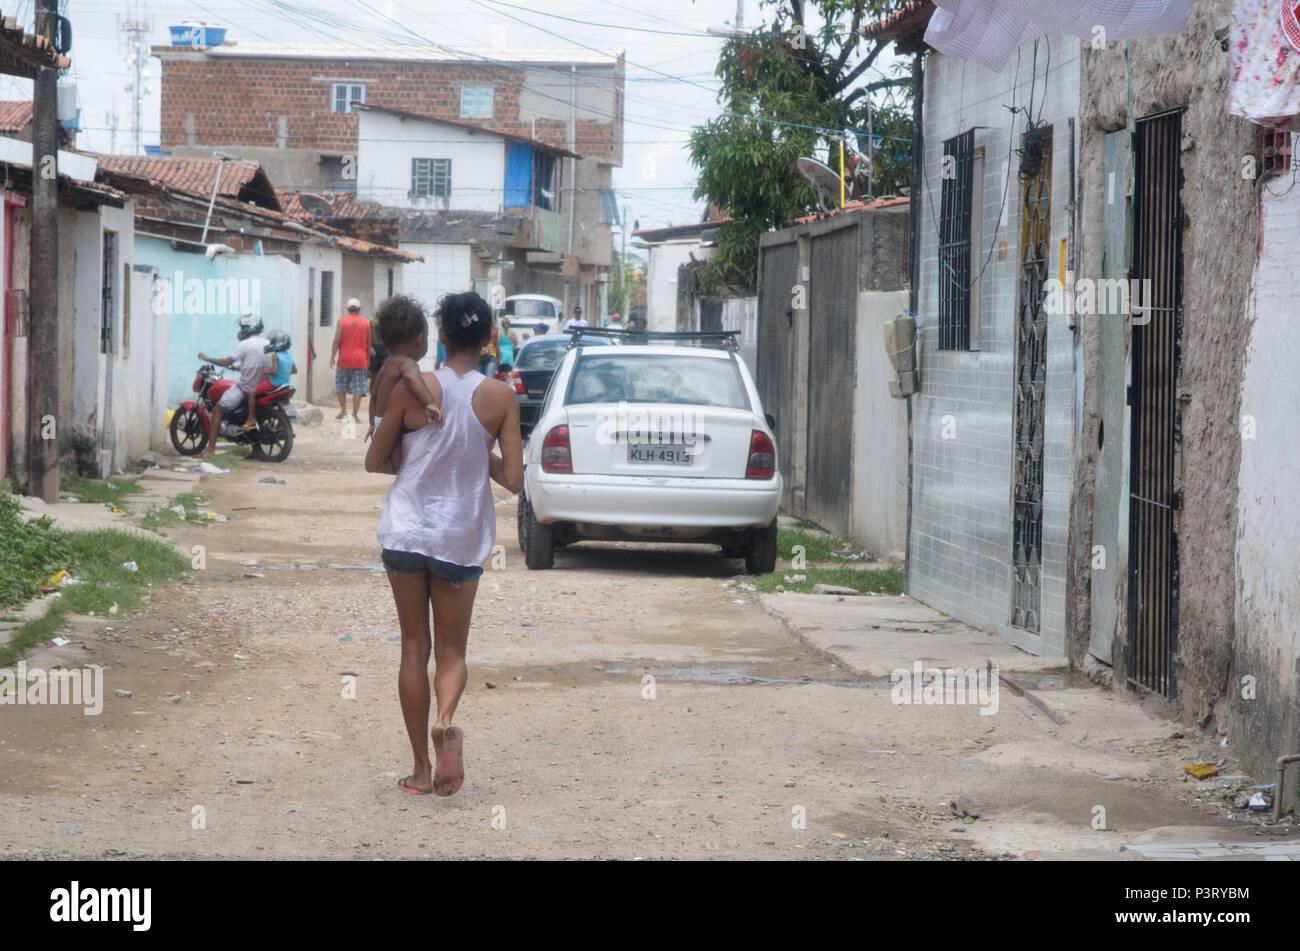 RECIFE, PE - 10.10.2015: FAVELA DO COQUE - Mãe passeia com criança nos braços na comunidade carente hacer coque. (Foto: Diego Herculano / Fotoarena) Foto de stock